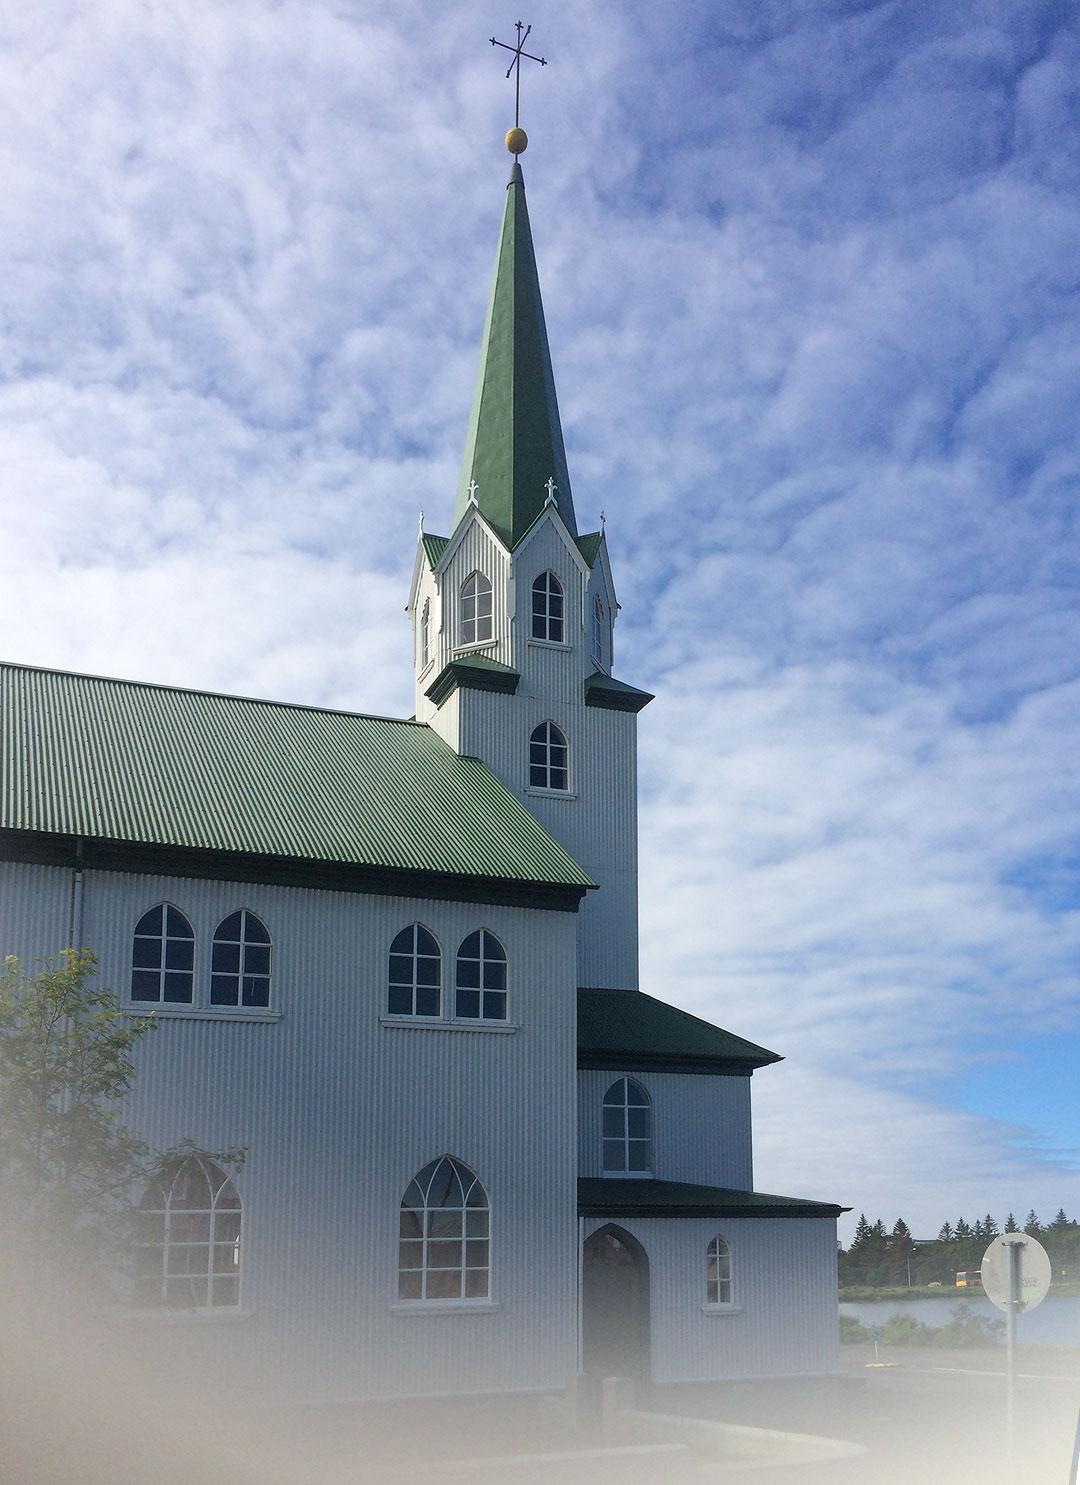 Fríkirkjan church in Reykjavik